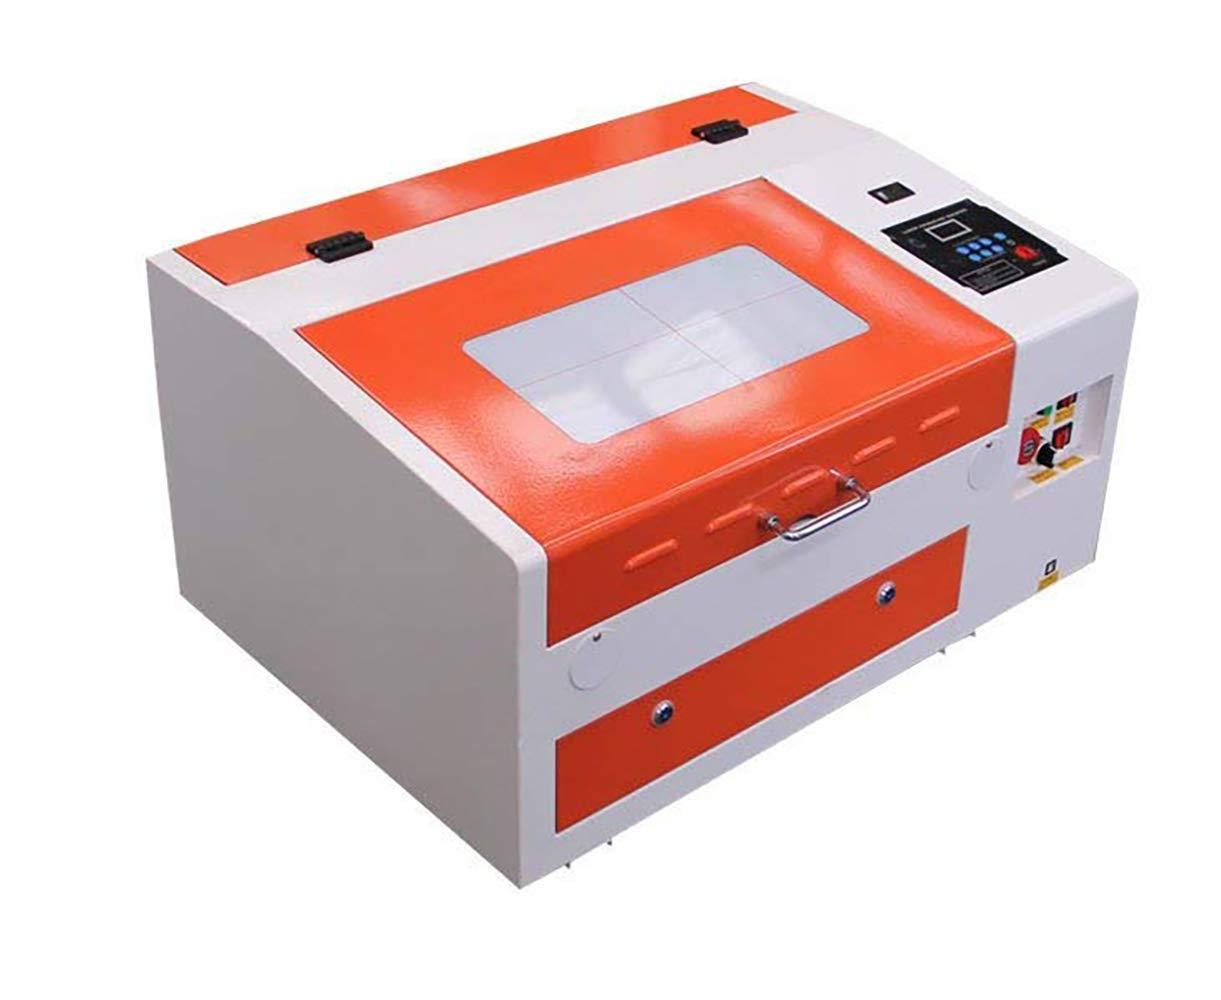 Top 10 Best Laser Engraving Machine Reviews in 2021 7